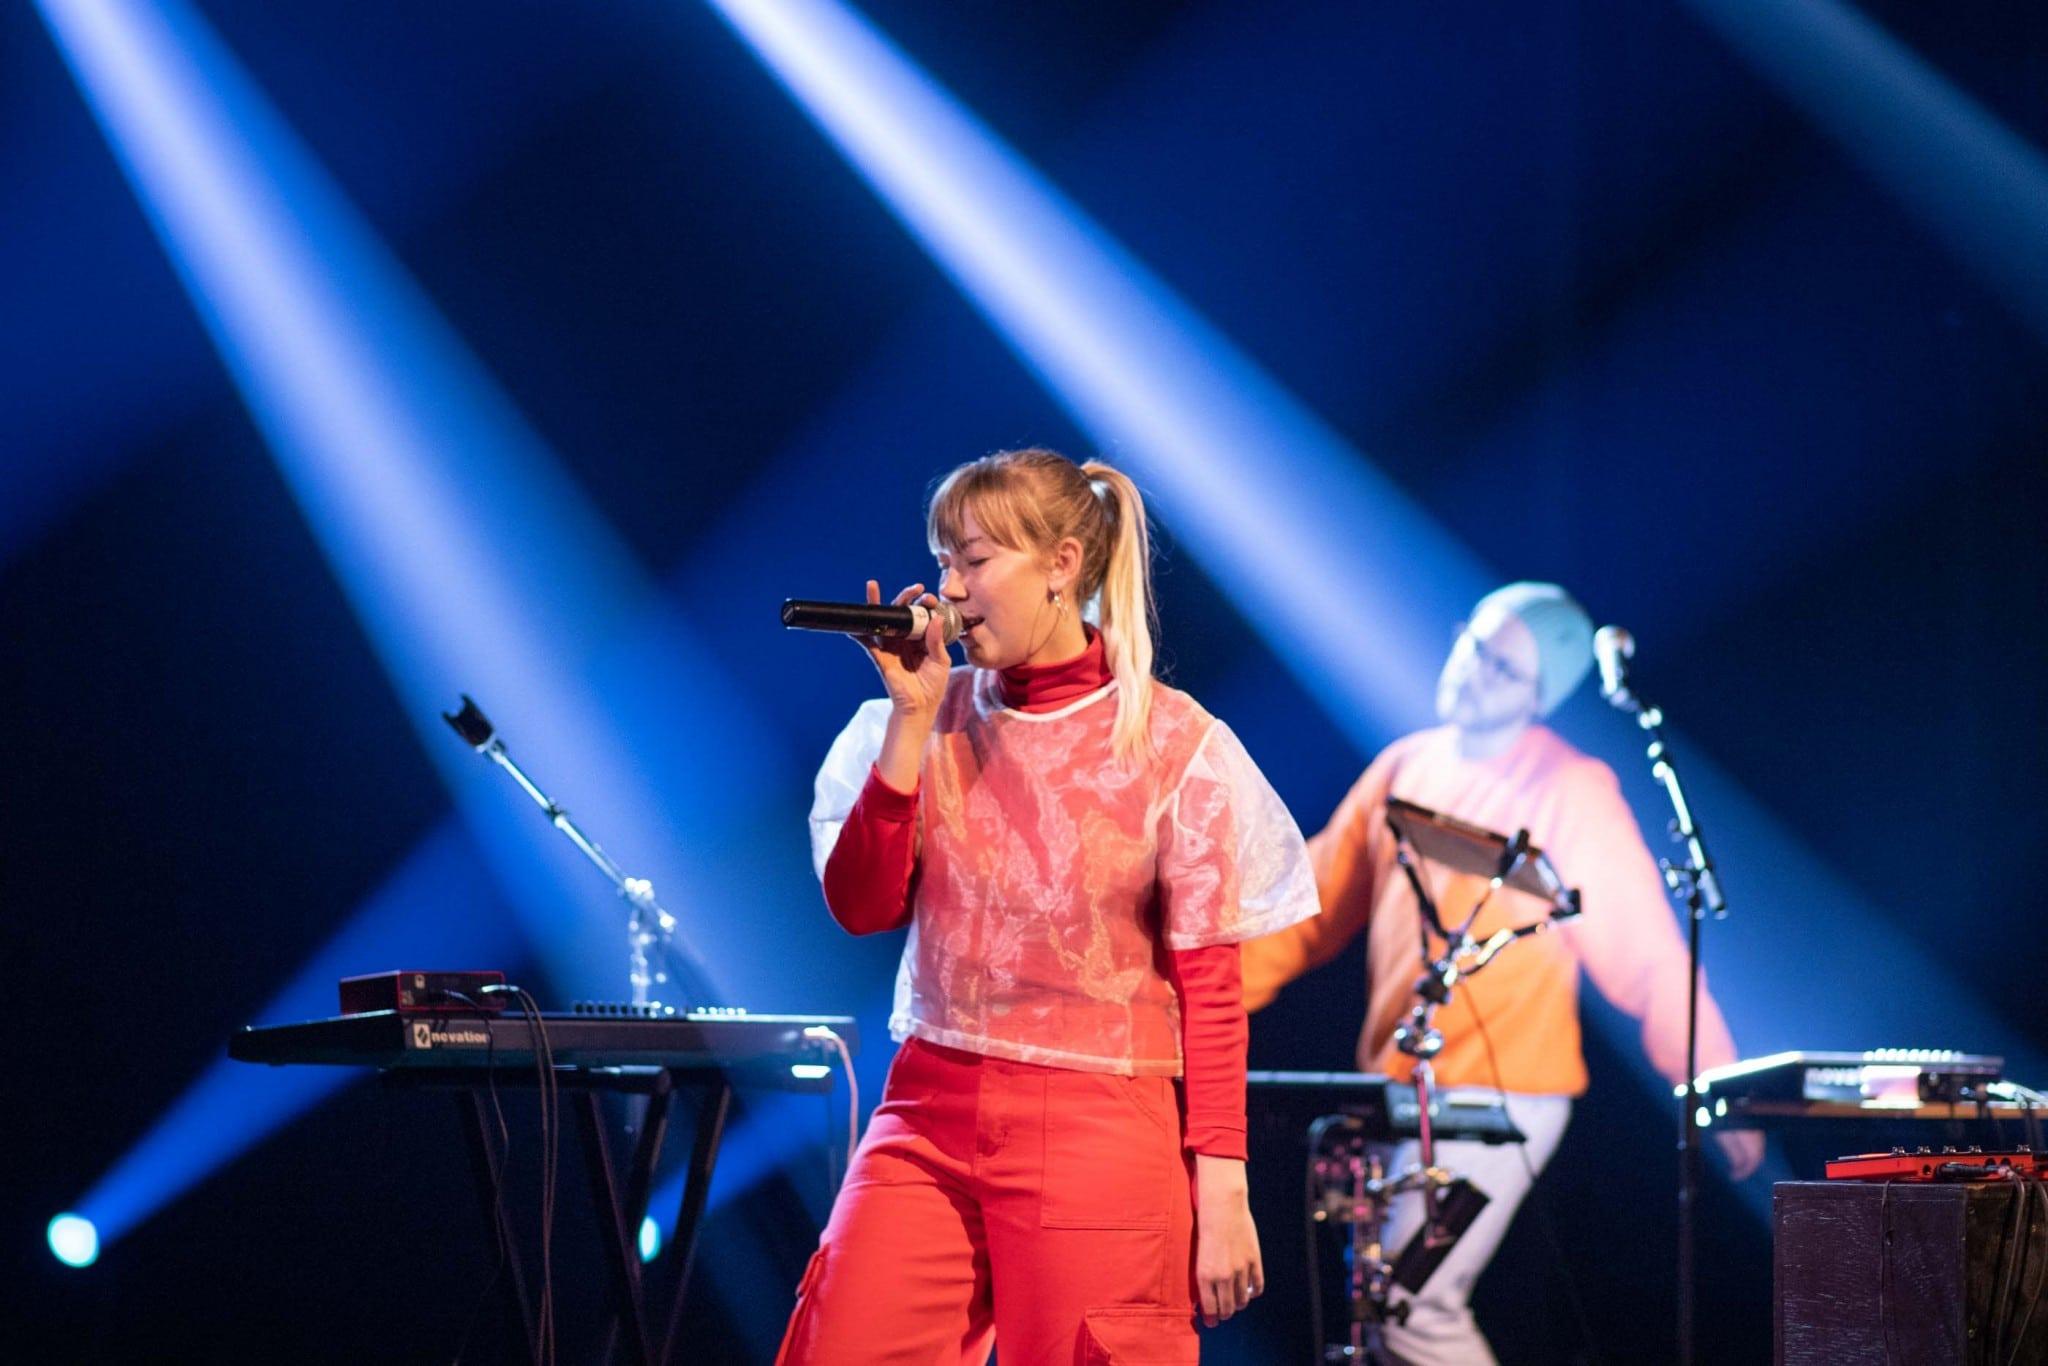 Le duo montréalais Titelaine, composé de Gabrielle Legault et Loukas Perreault, a animé une partie de la soirée avec une prestation hors-concours. Ces deux diplômés de l'UdeM et ont été finalistes à l'UES en 2018 et en 2019. Photo : Jacob Côté